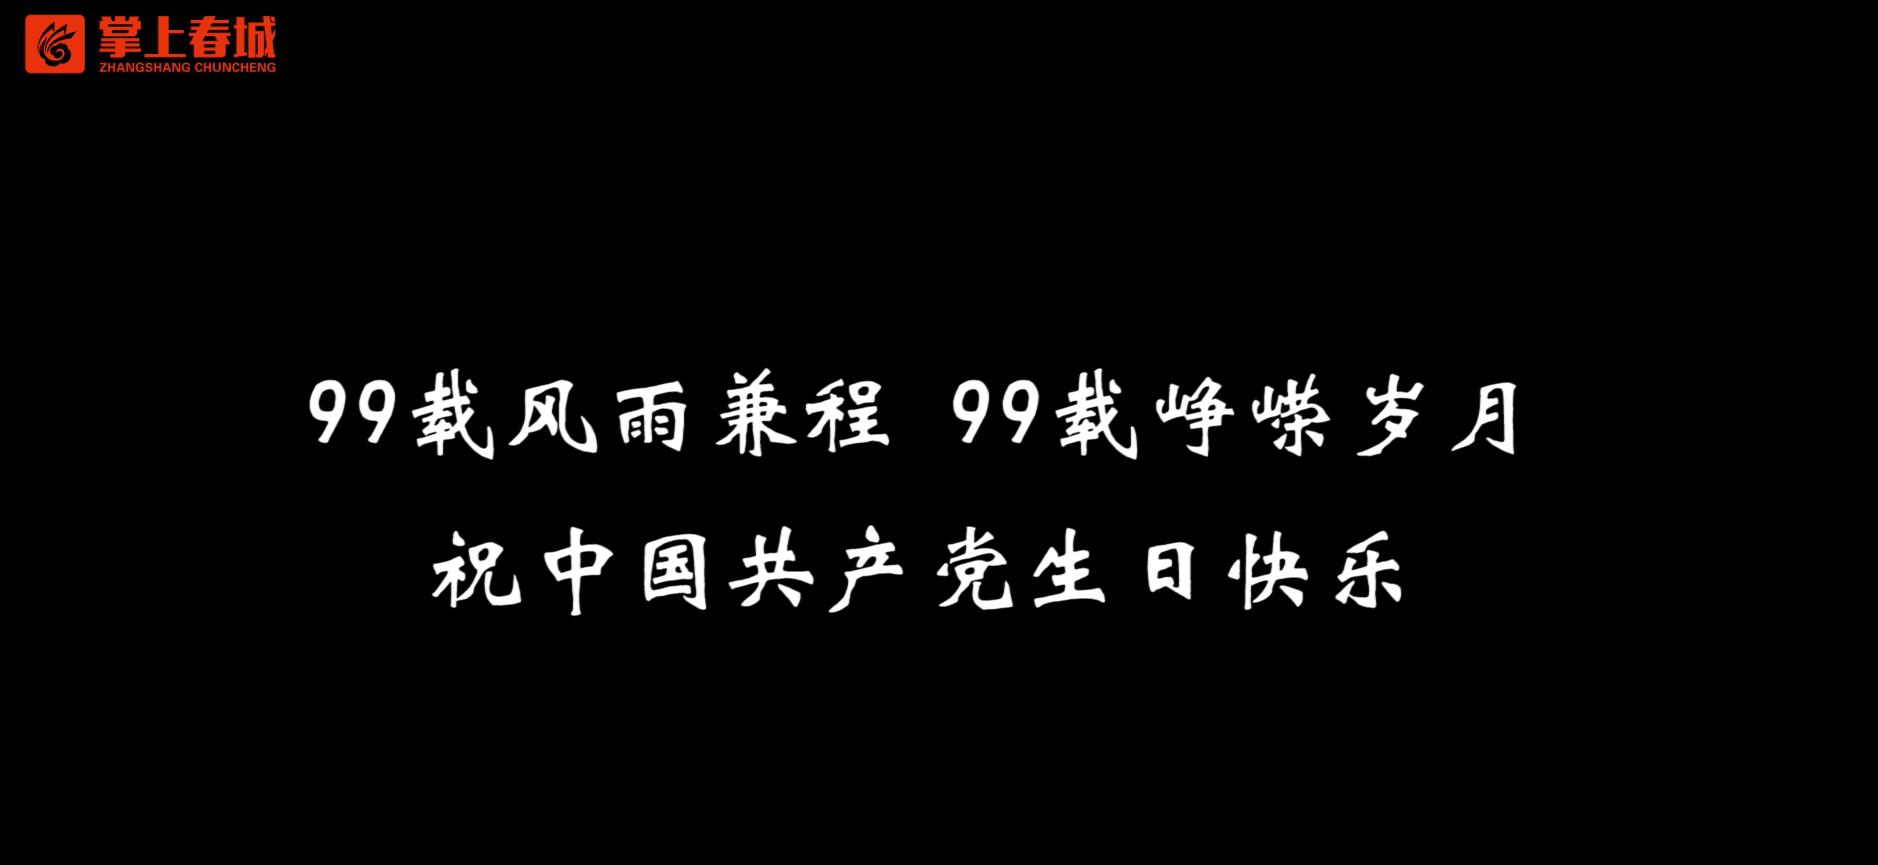 喵视频丨99岁生日快乐